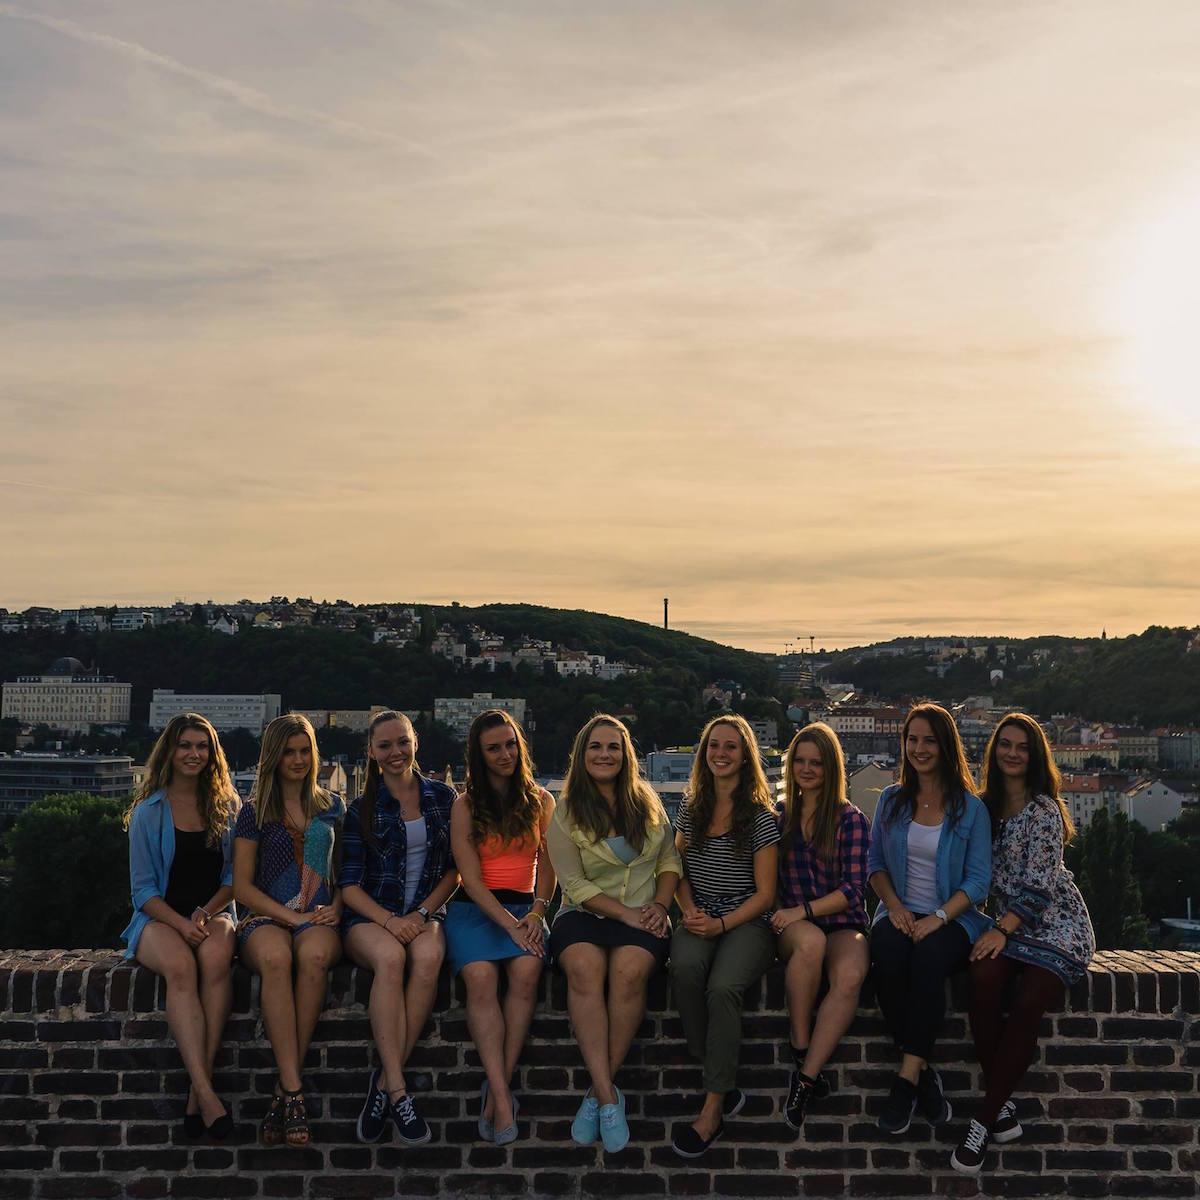 Kalendář Zlaté holky 2016. Fotografoval Hynek Hampl